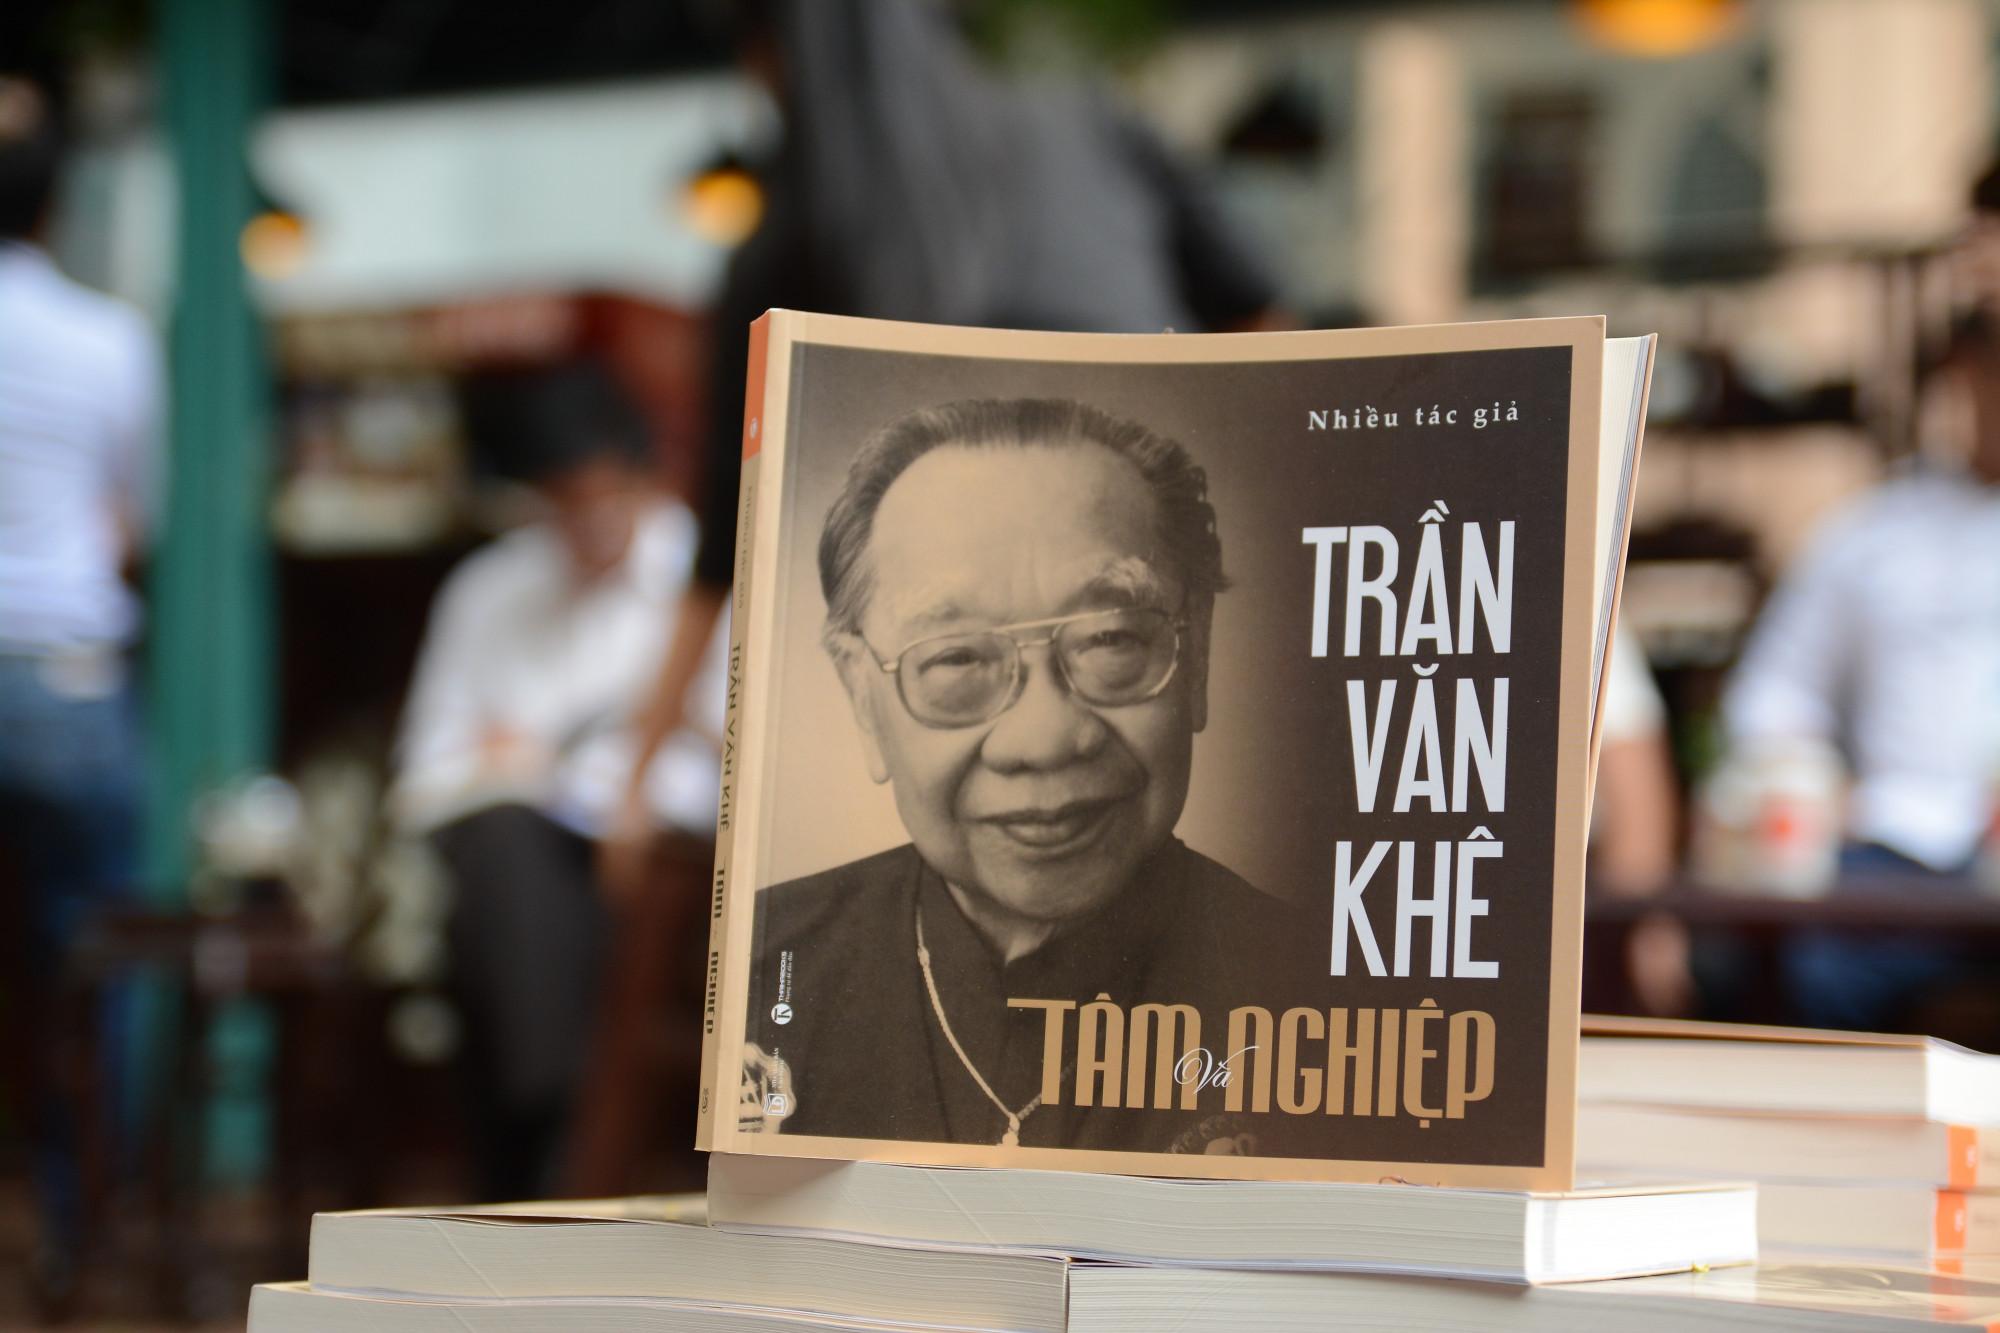 Cuốn sách được bán với giá 110.000 đồng. Toàn bộ số tiền thu về được quyên vào Quỹ học bổng Trần Văn Khê.